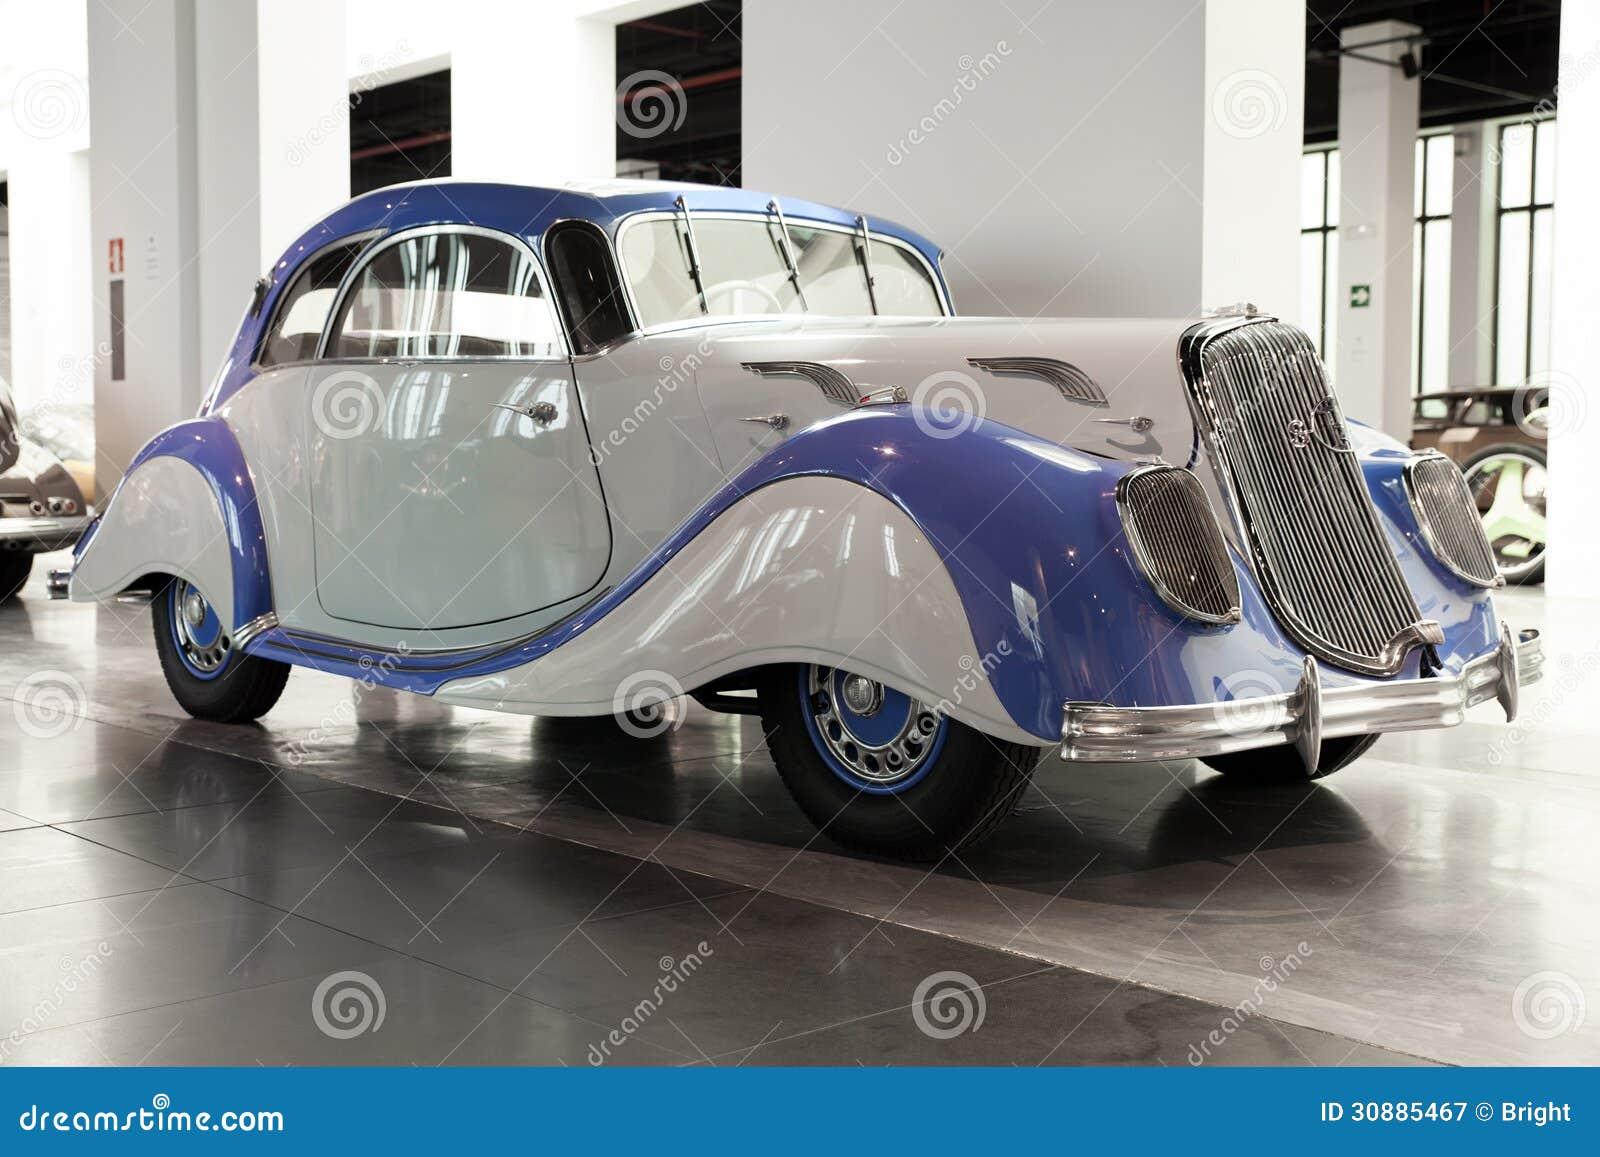 klassieke auto panhard et levassor redactionele fotografie afbeelding bestaande uit luxe. Black Bedroom Furniture Sets. Home Design Ideas